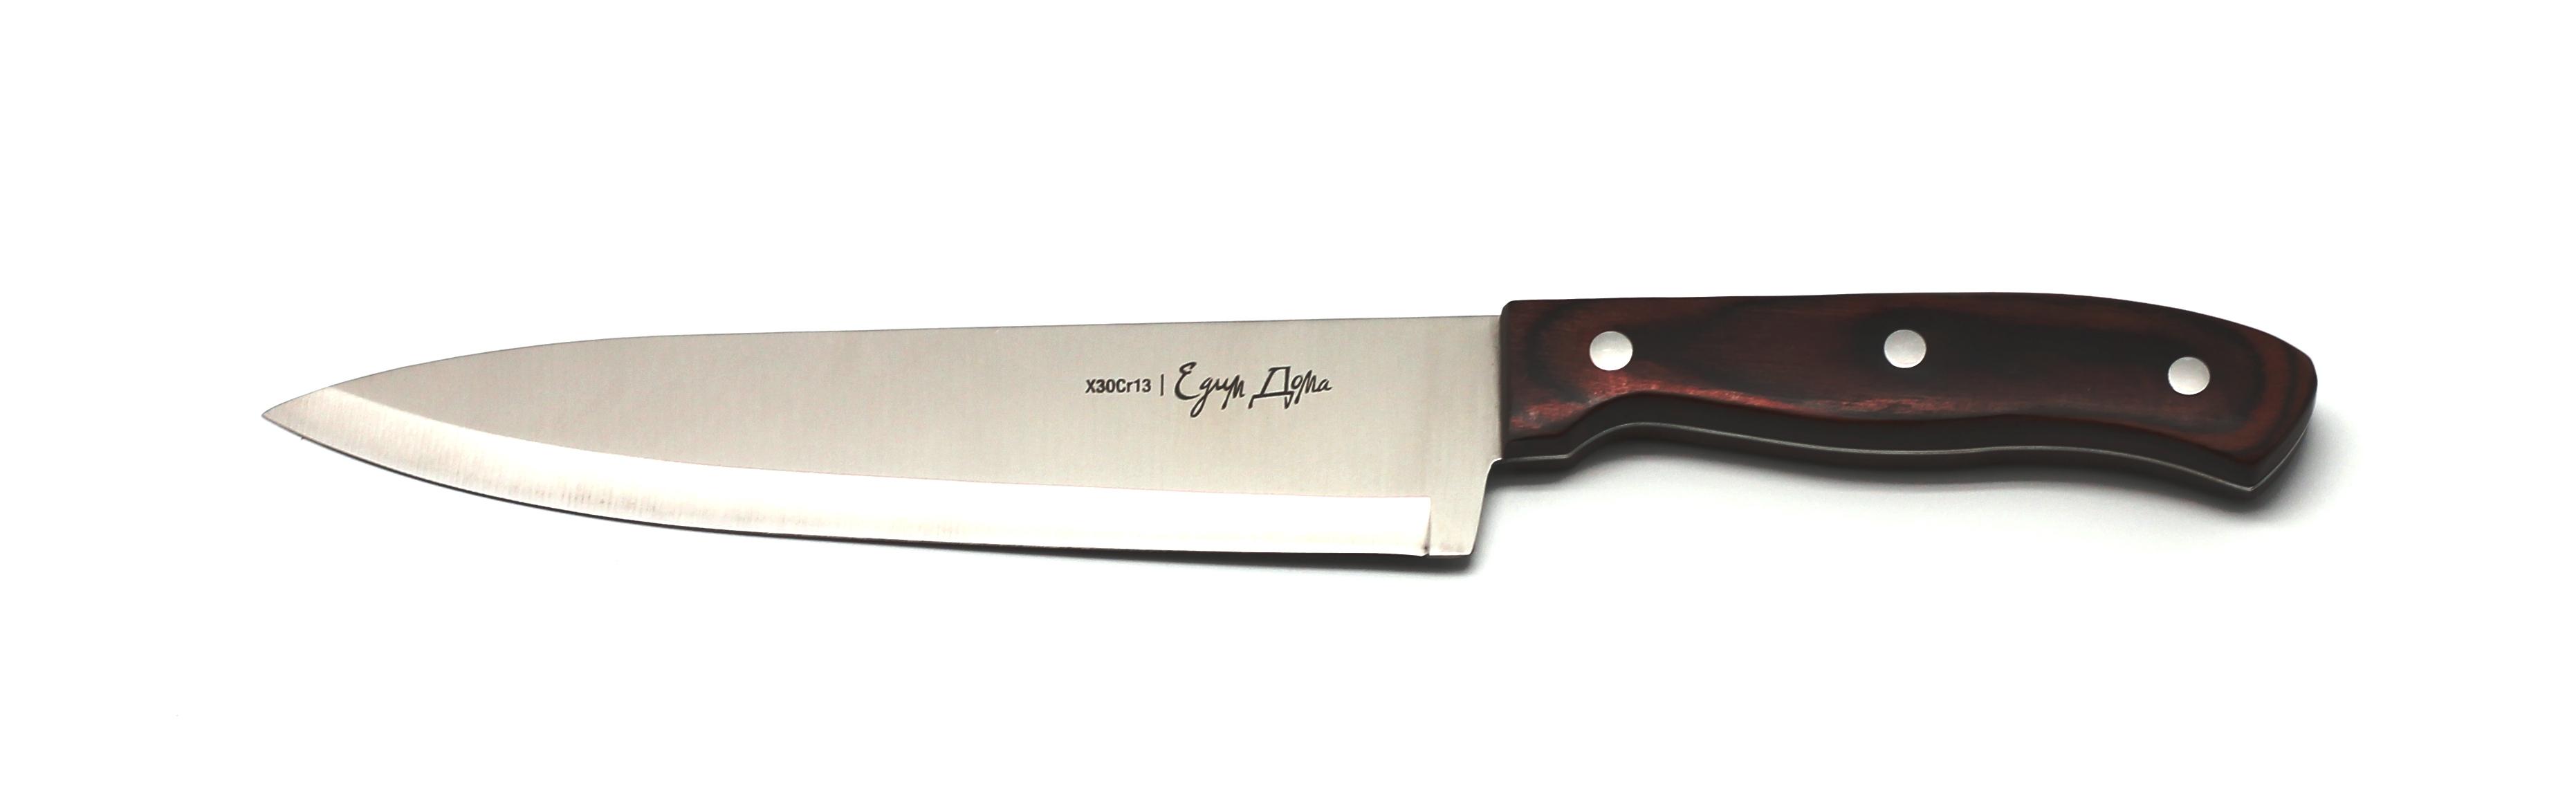 Нож поварской Едим дома, длина лезвия 20 см. ED-402ED-402Нож поварской Едим дома изготовлен из высококачественной нержавеющей стали. Удобная рукоятка ножа, выполненная из пластика, не позволит выскользнуть ему из руки. Благодаря лезвию с особой формой режущей кромки, такой нож прекрасно подойдет для очистки, разделки и нарезки фруктов, овощей и мяса.Нож Едим дома займет достойное место среди аксессуаров на вашей кухне. Общая длина ножа: 33,5 см. Ширина лезвия: 4 см.